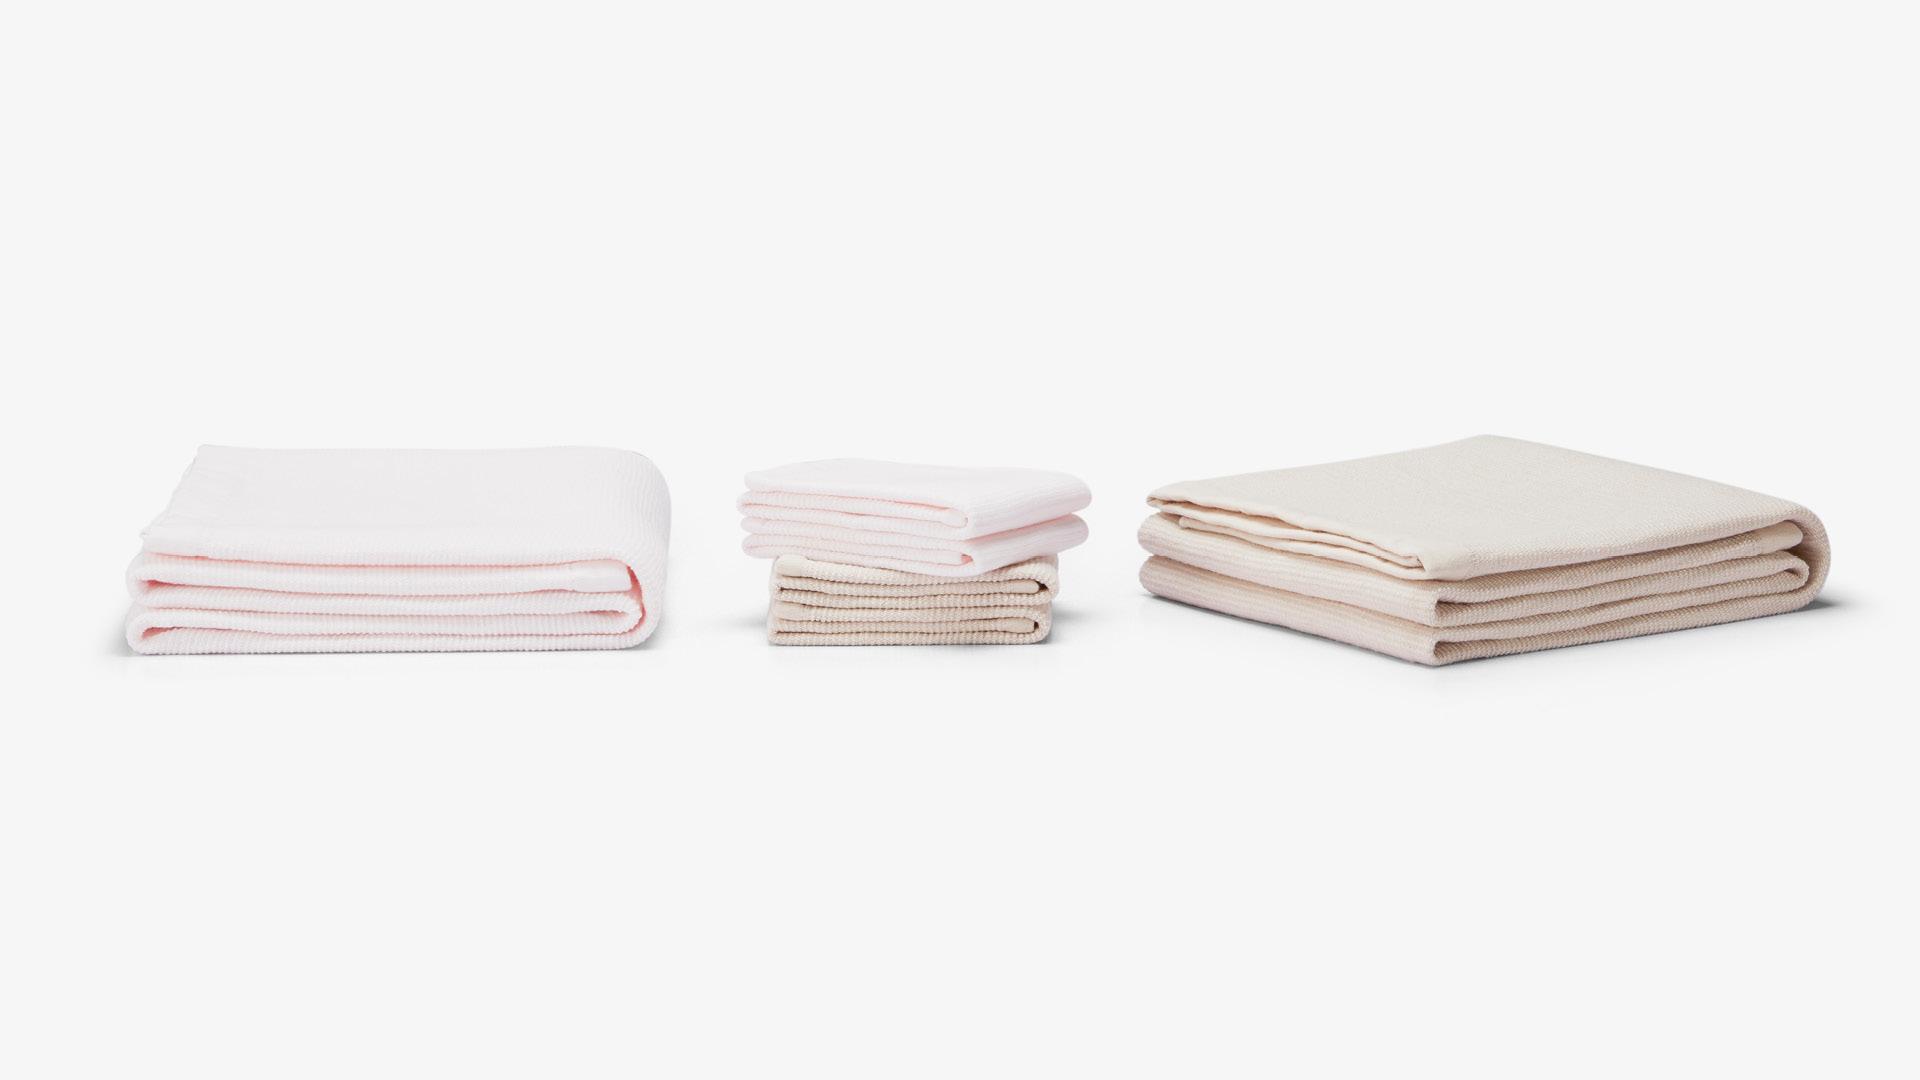 一款成人可用的婴幼级毛巾